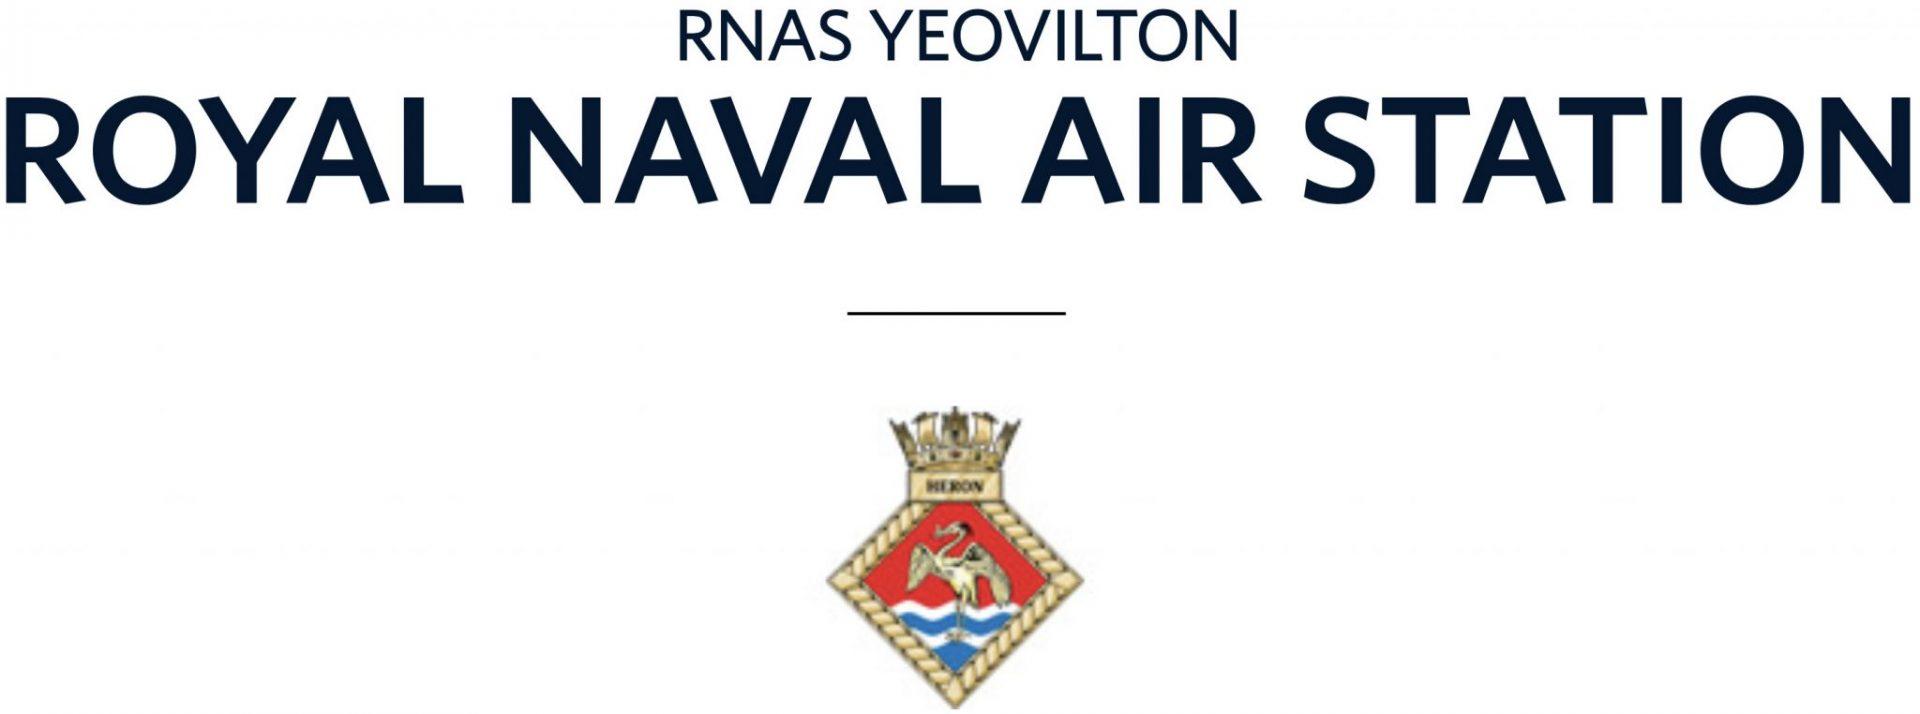 RNAS Yeovilton